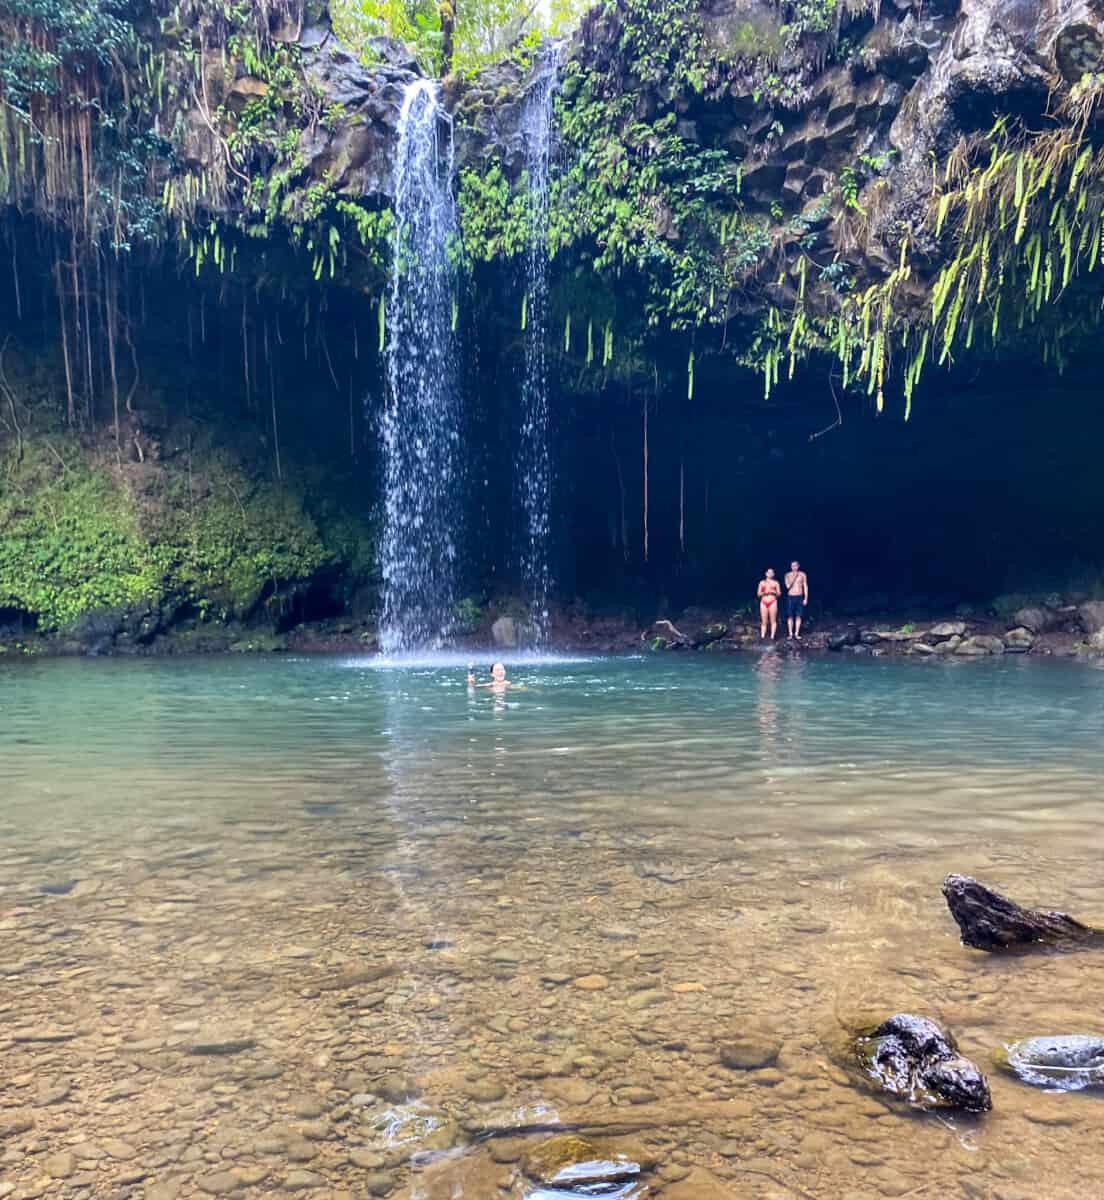 Maui vs. Kauai: Which Island Should You Visit?